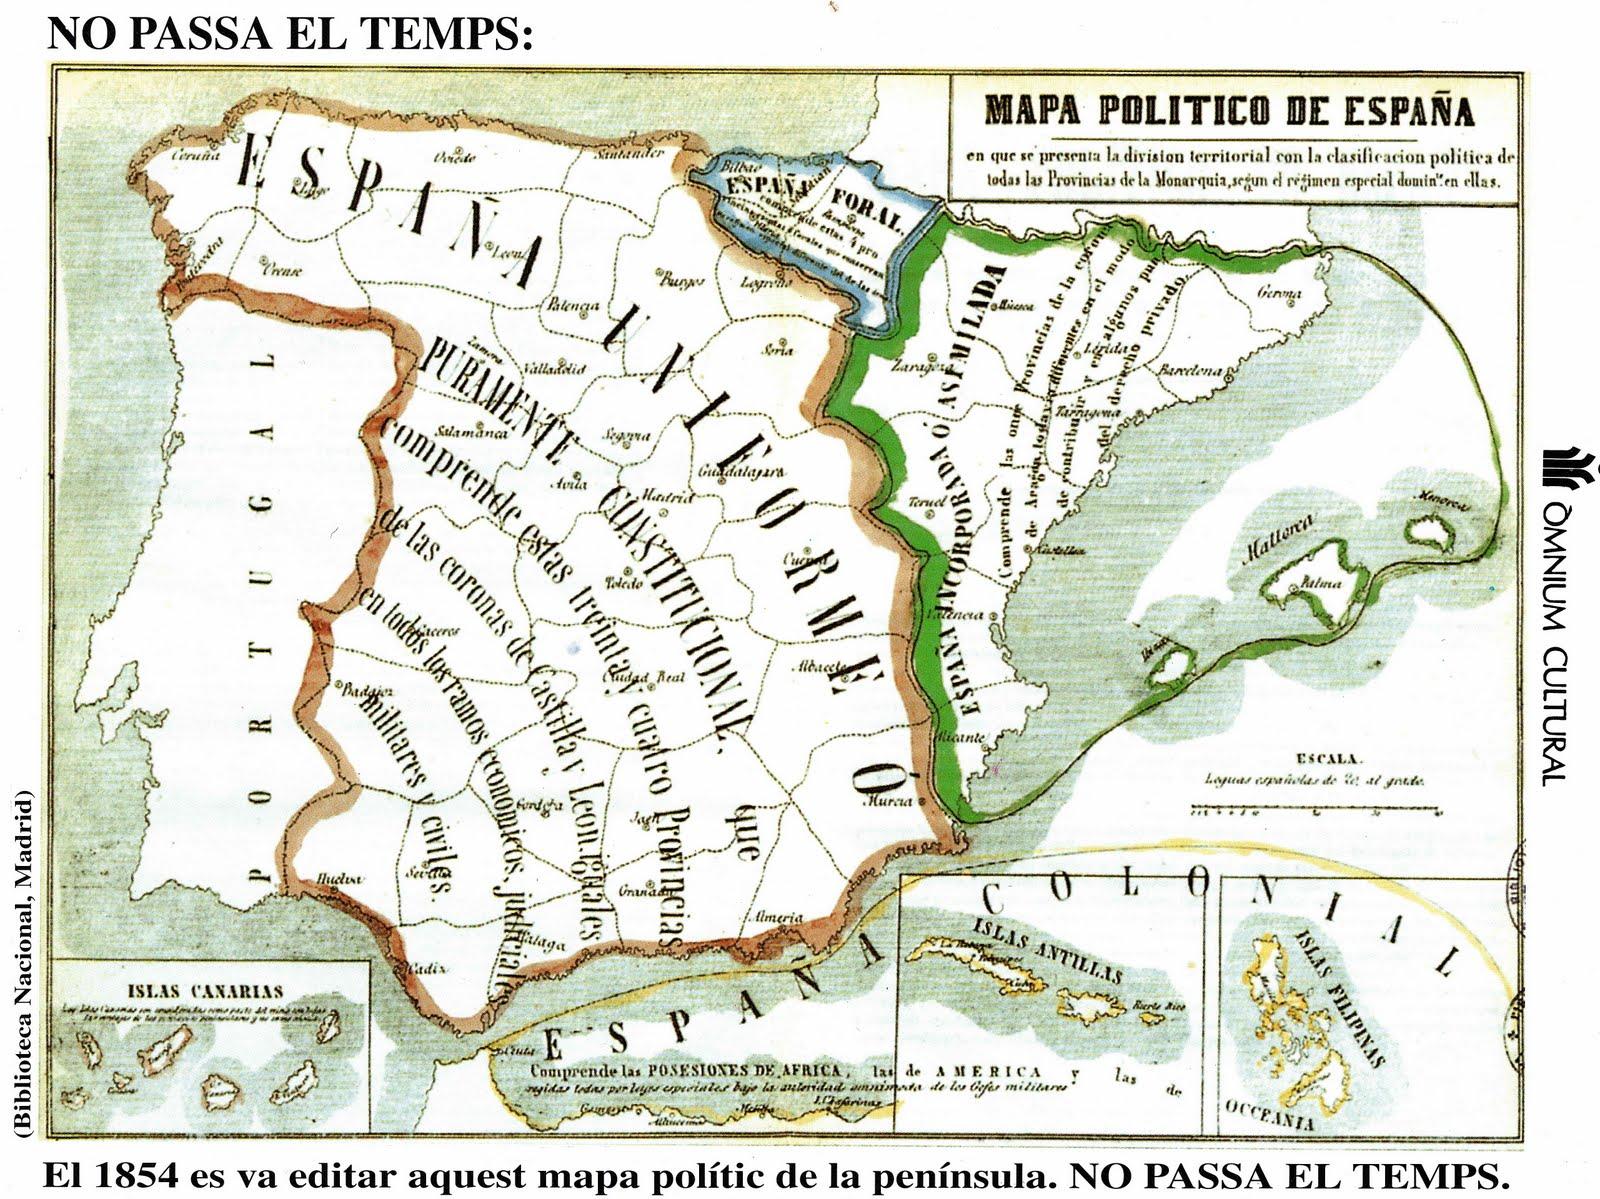 Mapa político de España de 1854